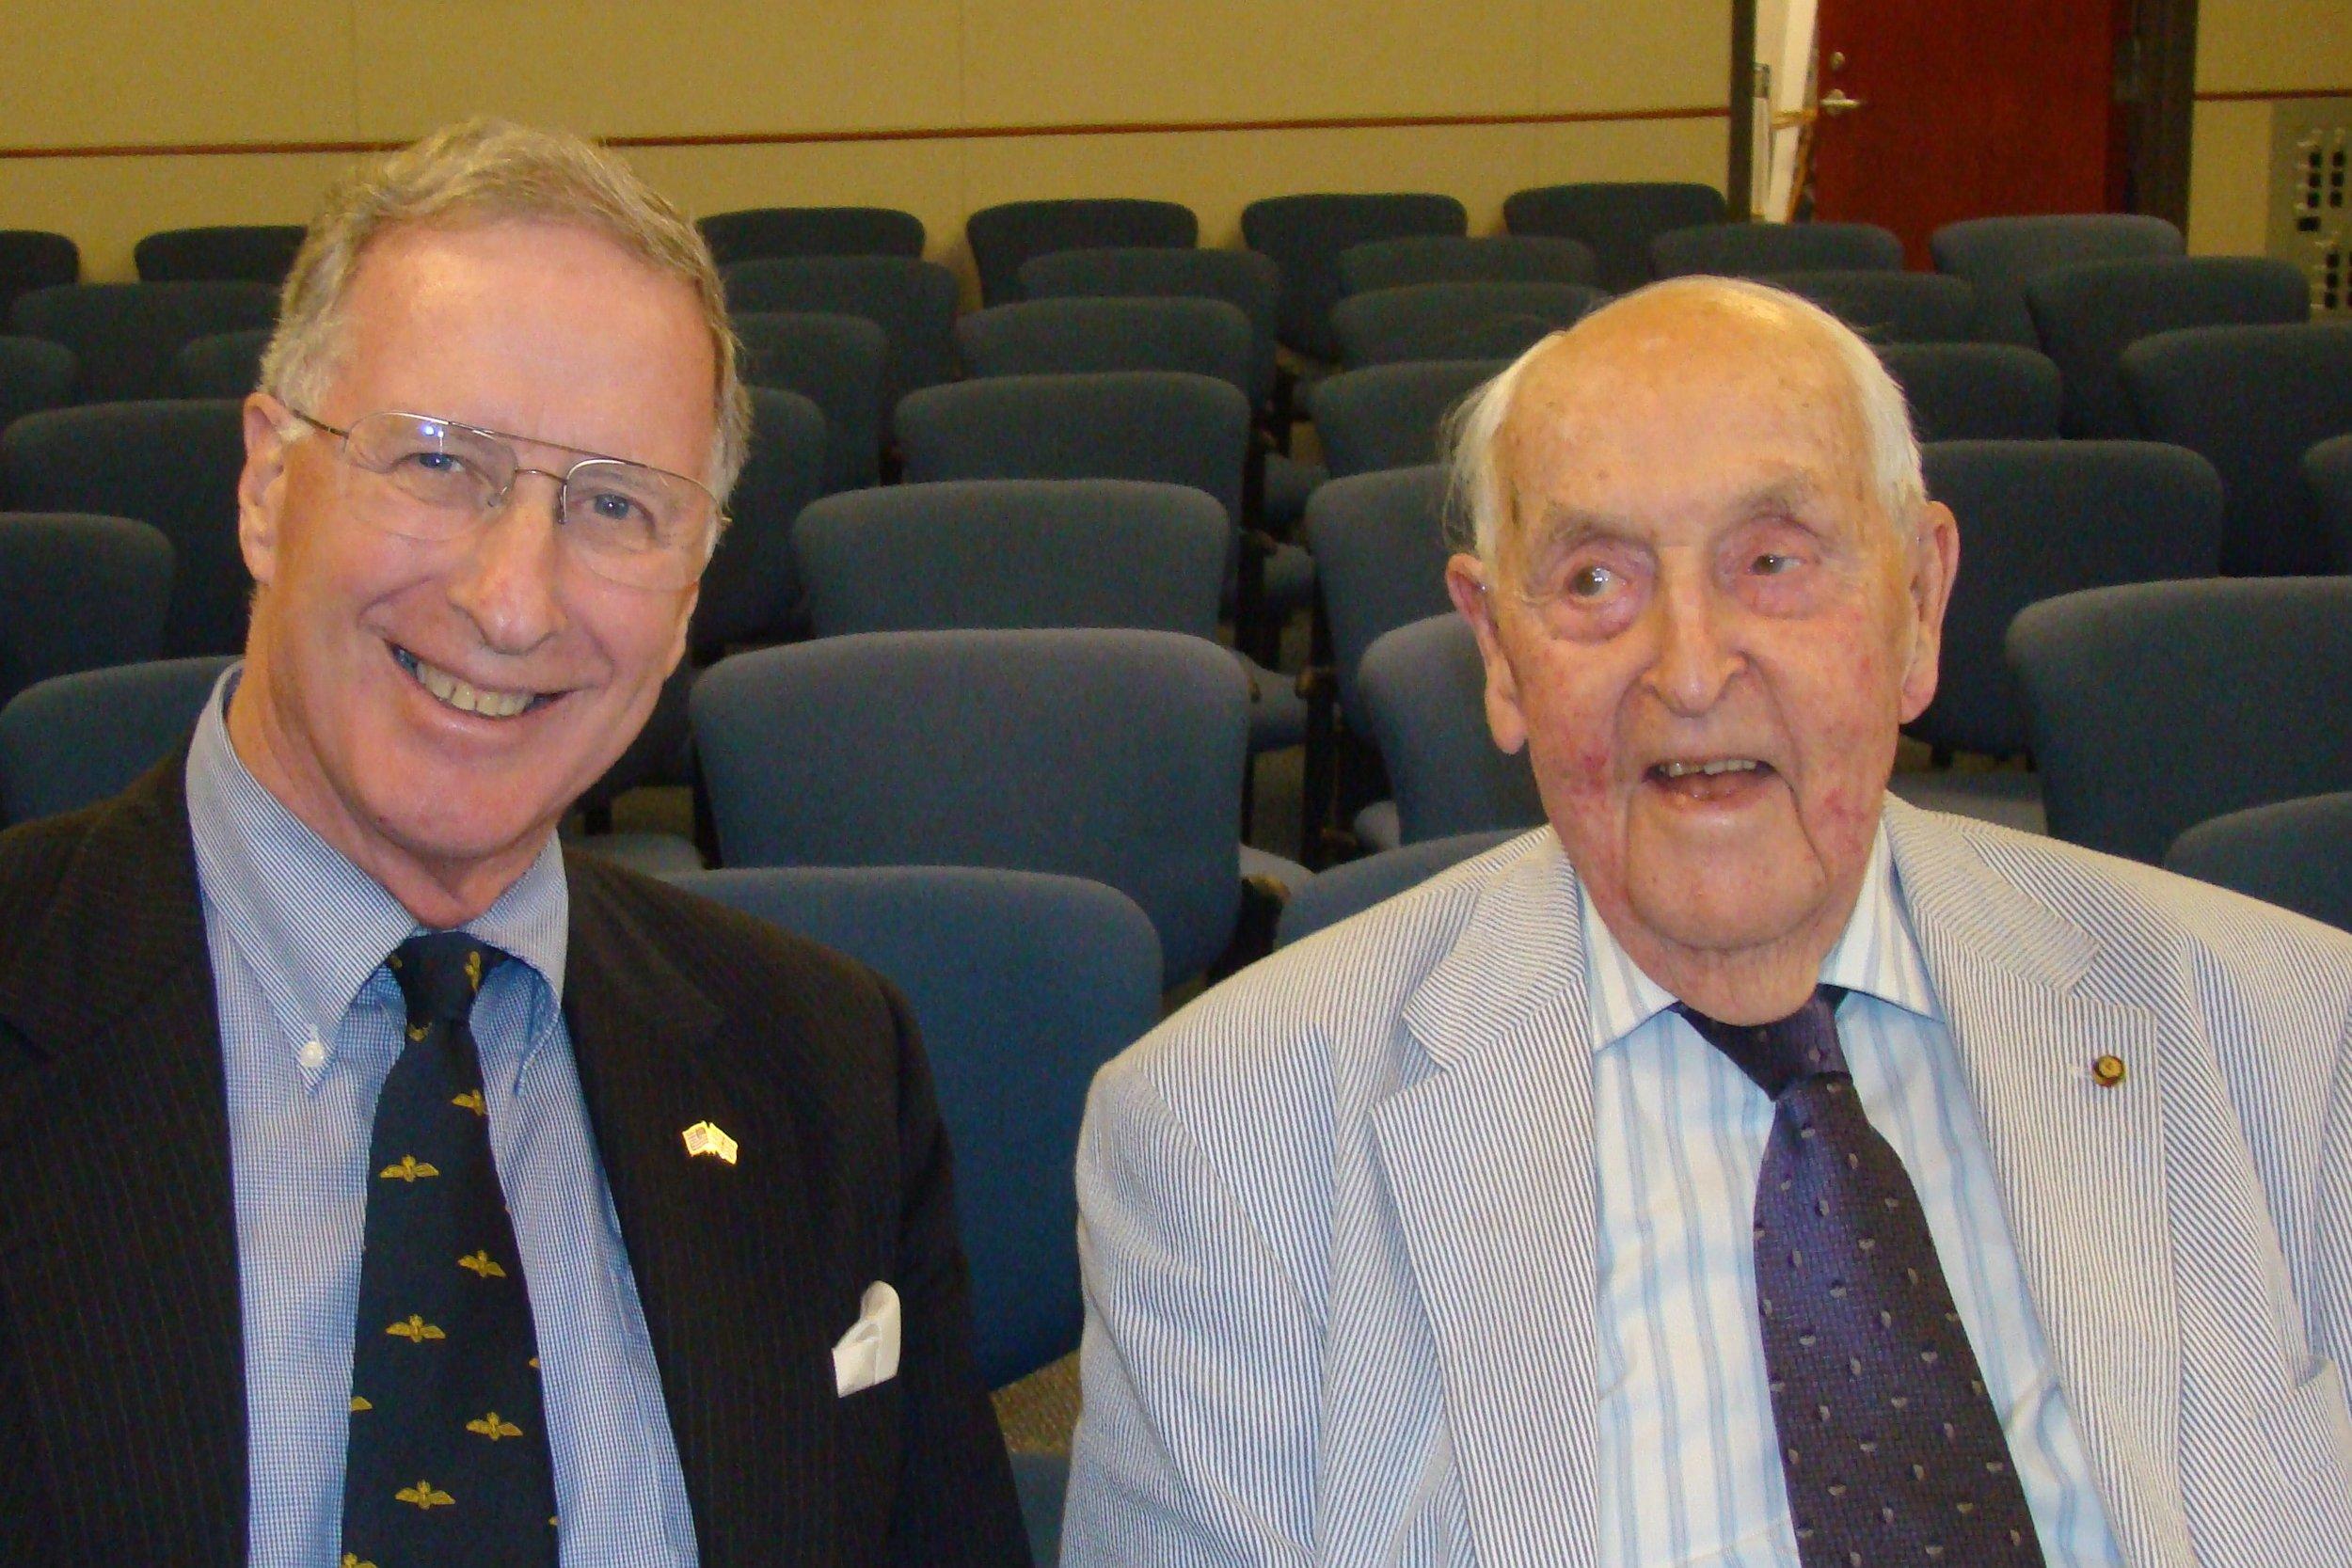 Colin Howgill & Sir Lenox, 27 Oct '11 - Copy.JPG